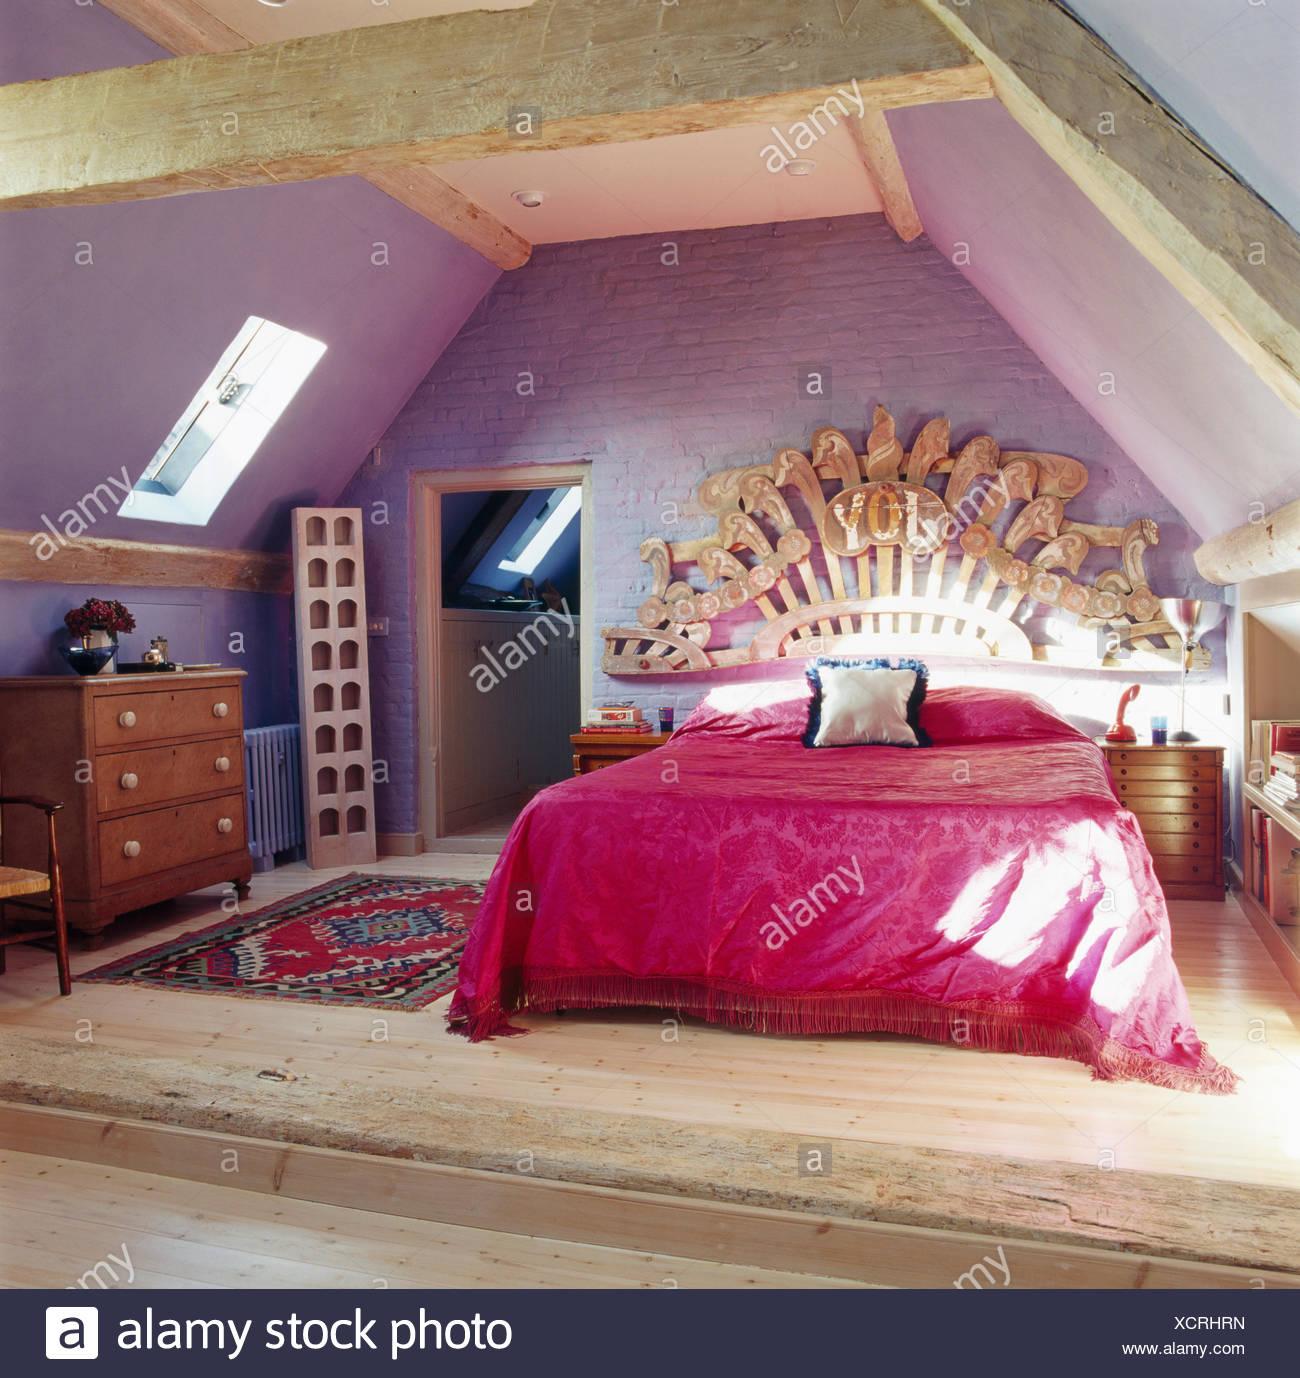 Grande sculpture en bois au-dessus de lit avec couvre-lit ...